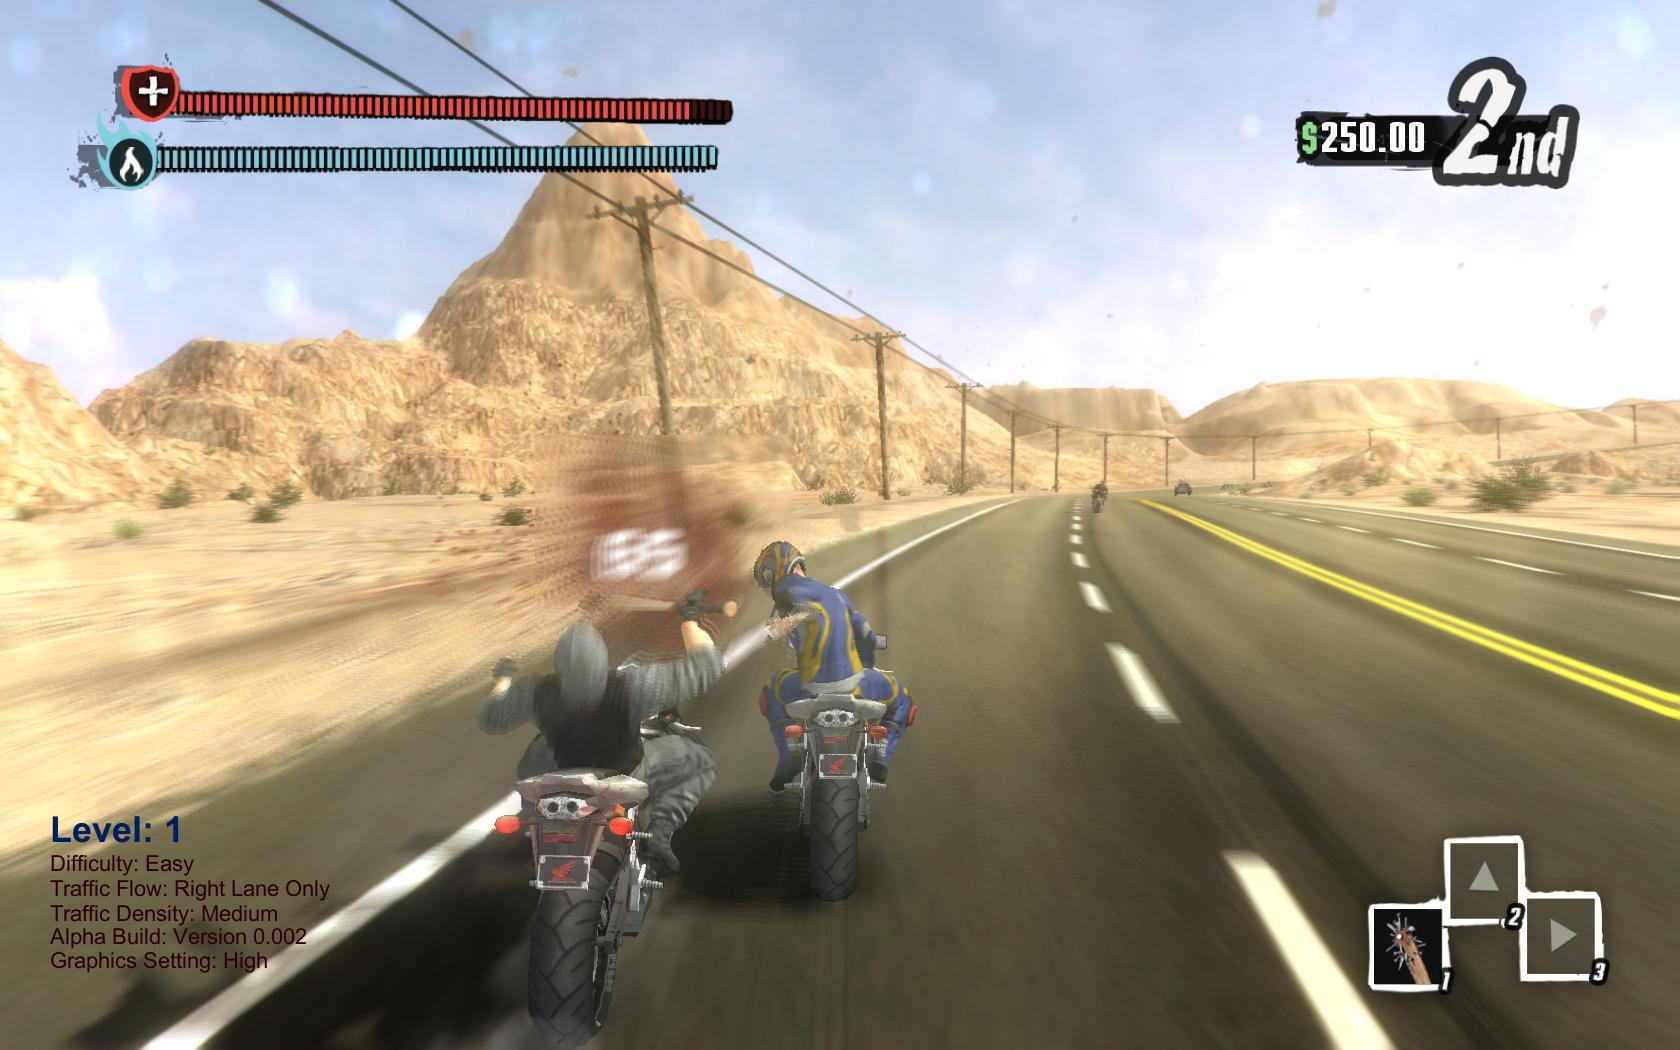 暴力摩托续作 《公路救赎》即将登陆Steam游戏平台